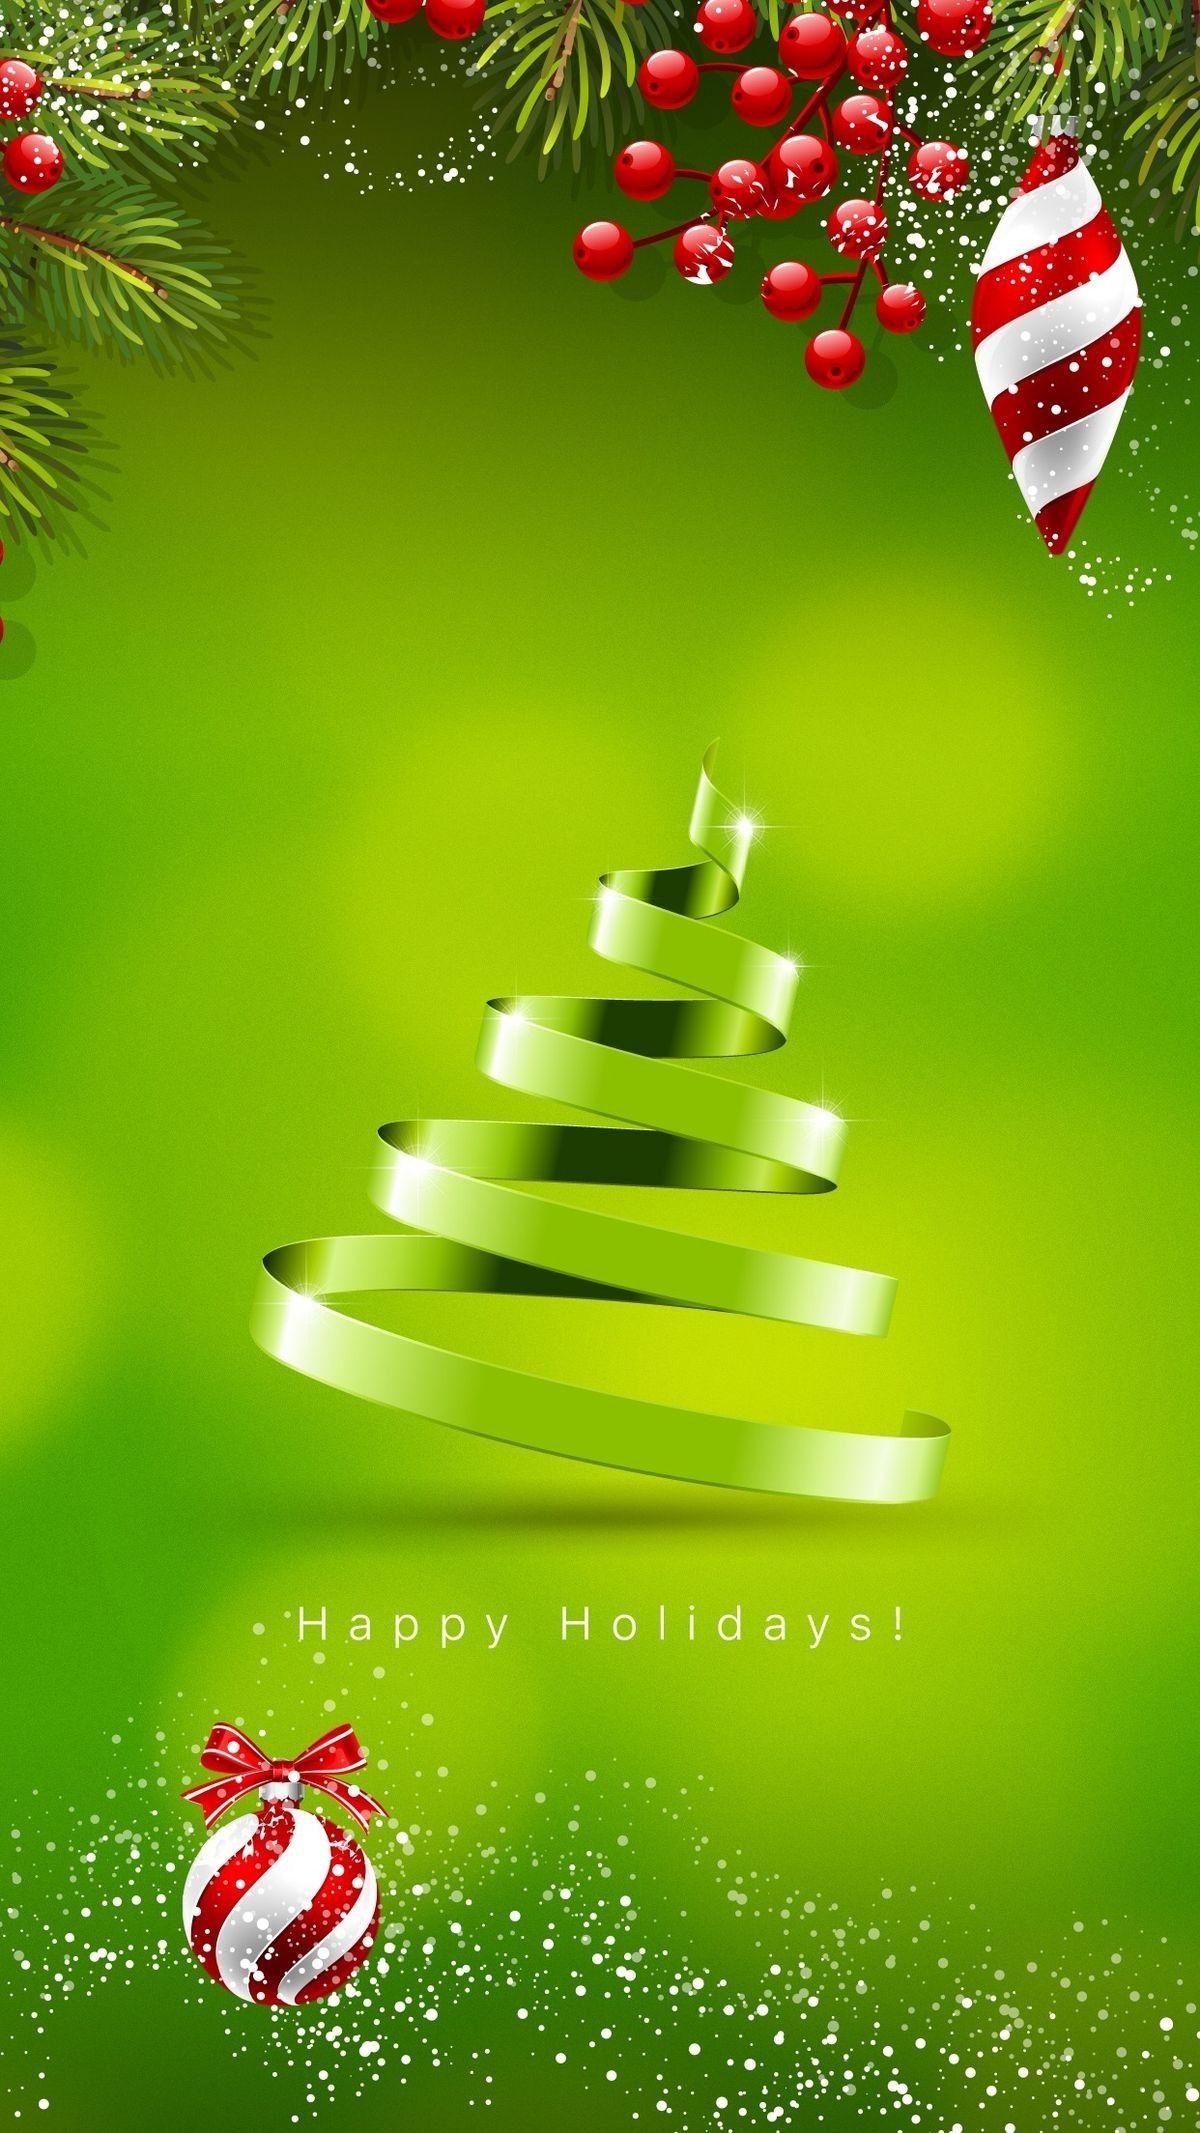 Animation Bilder Weihnachten - Animation Bilder Weihnachten